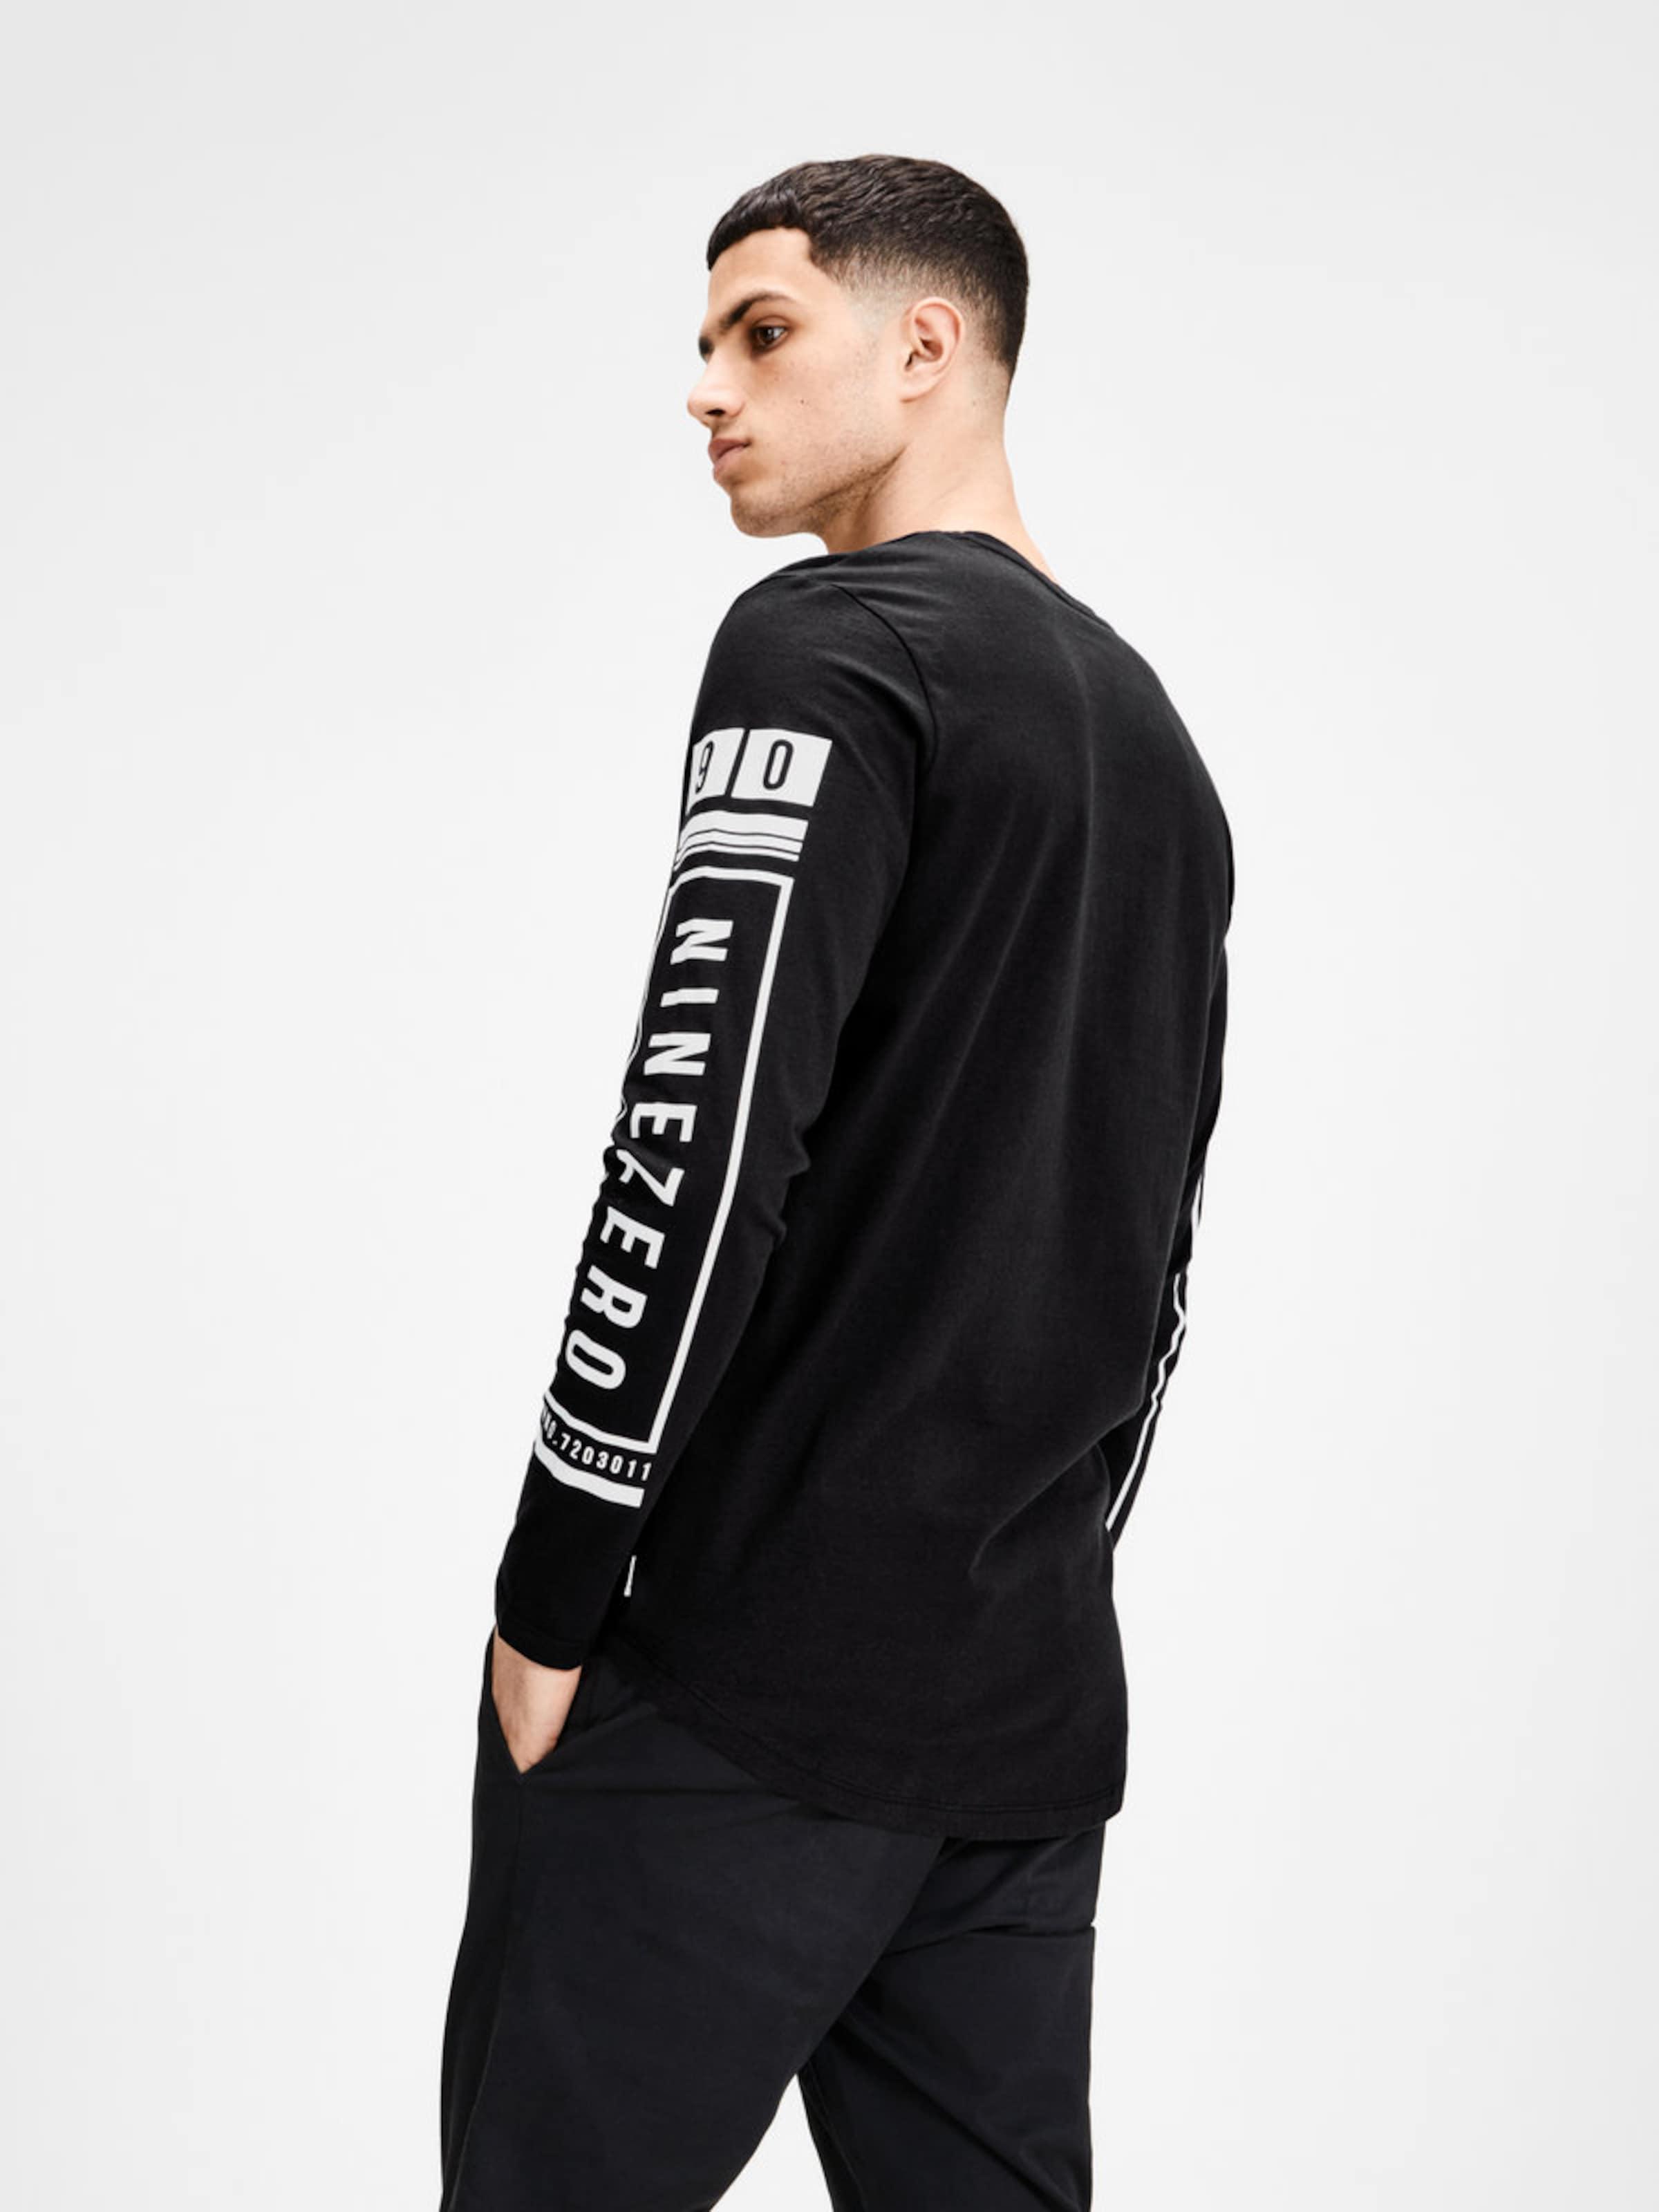 Sast Günstiger Preis Billig Verkauf JACK & JONES Länger geschnittenes T-Shirt mit langen Ärmeln Spielraum Perfekt JmeB20KaD